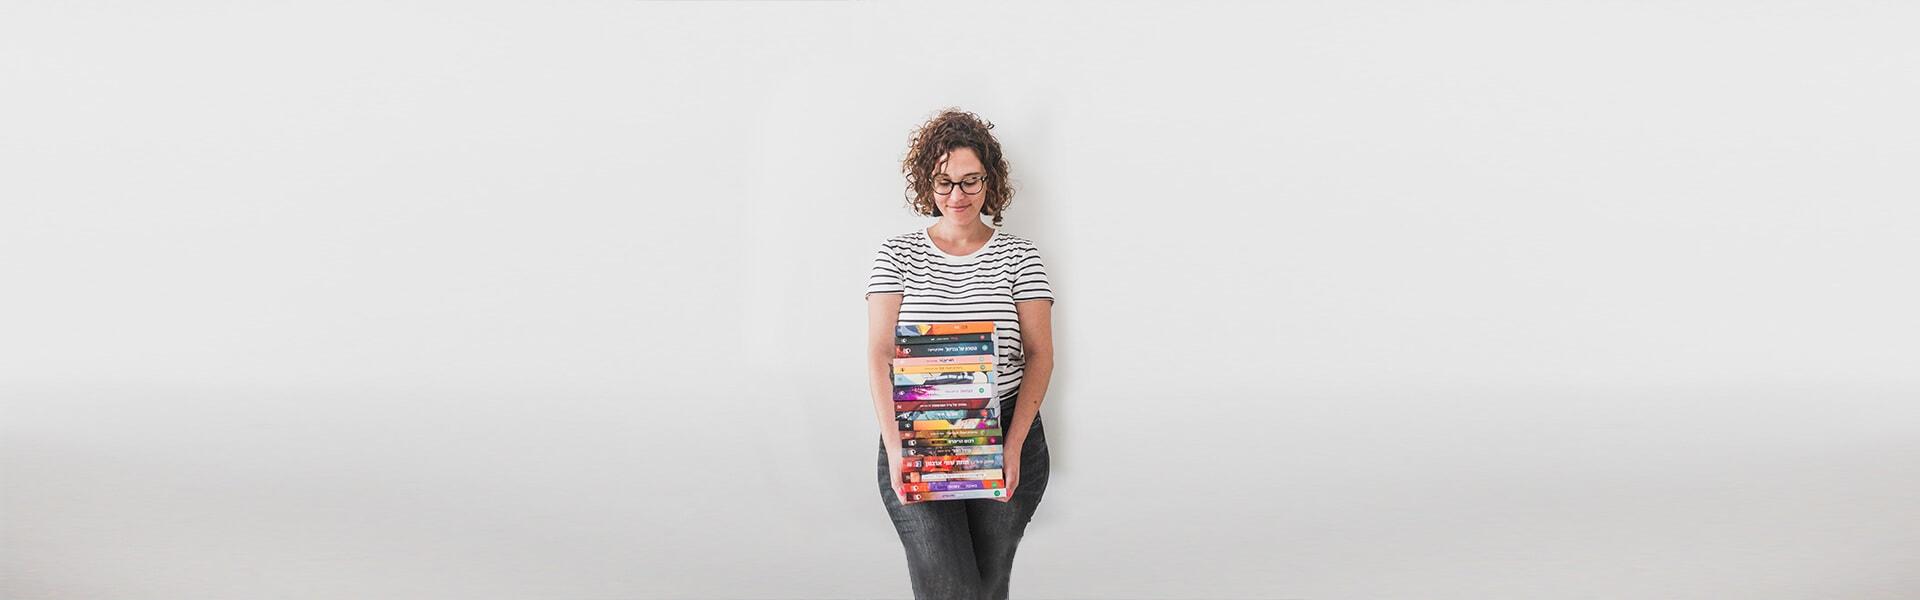 לפי מה אתם בוחרים את הספרים שלכם? סיפורי כריכה